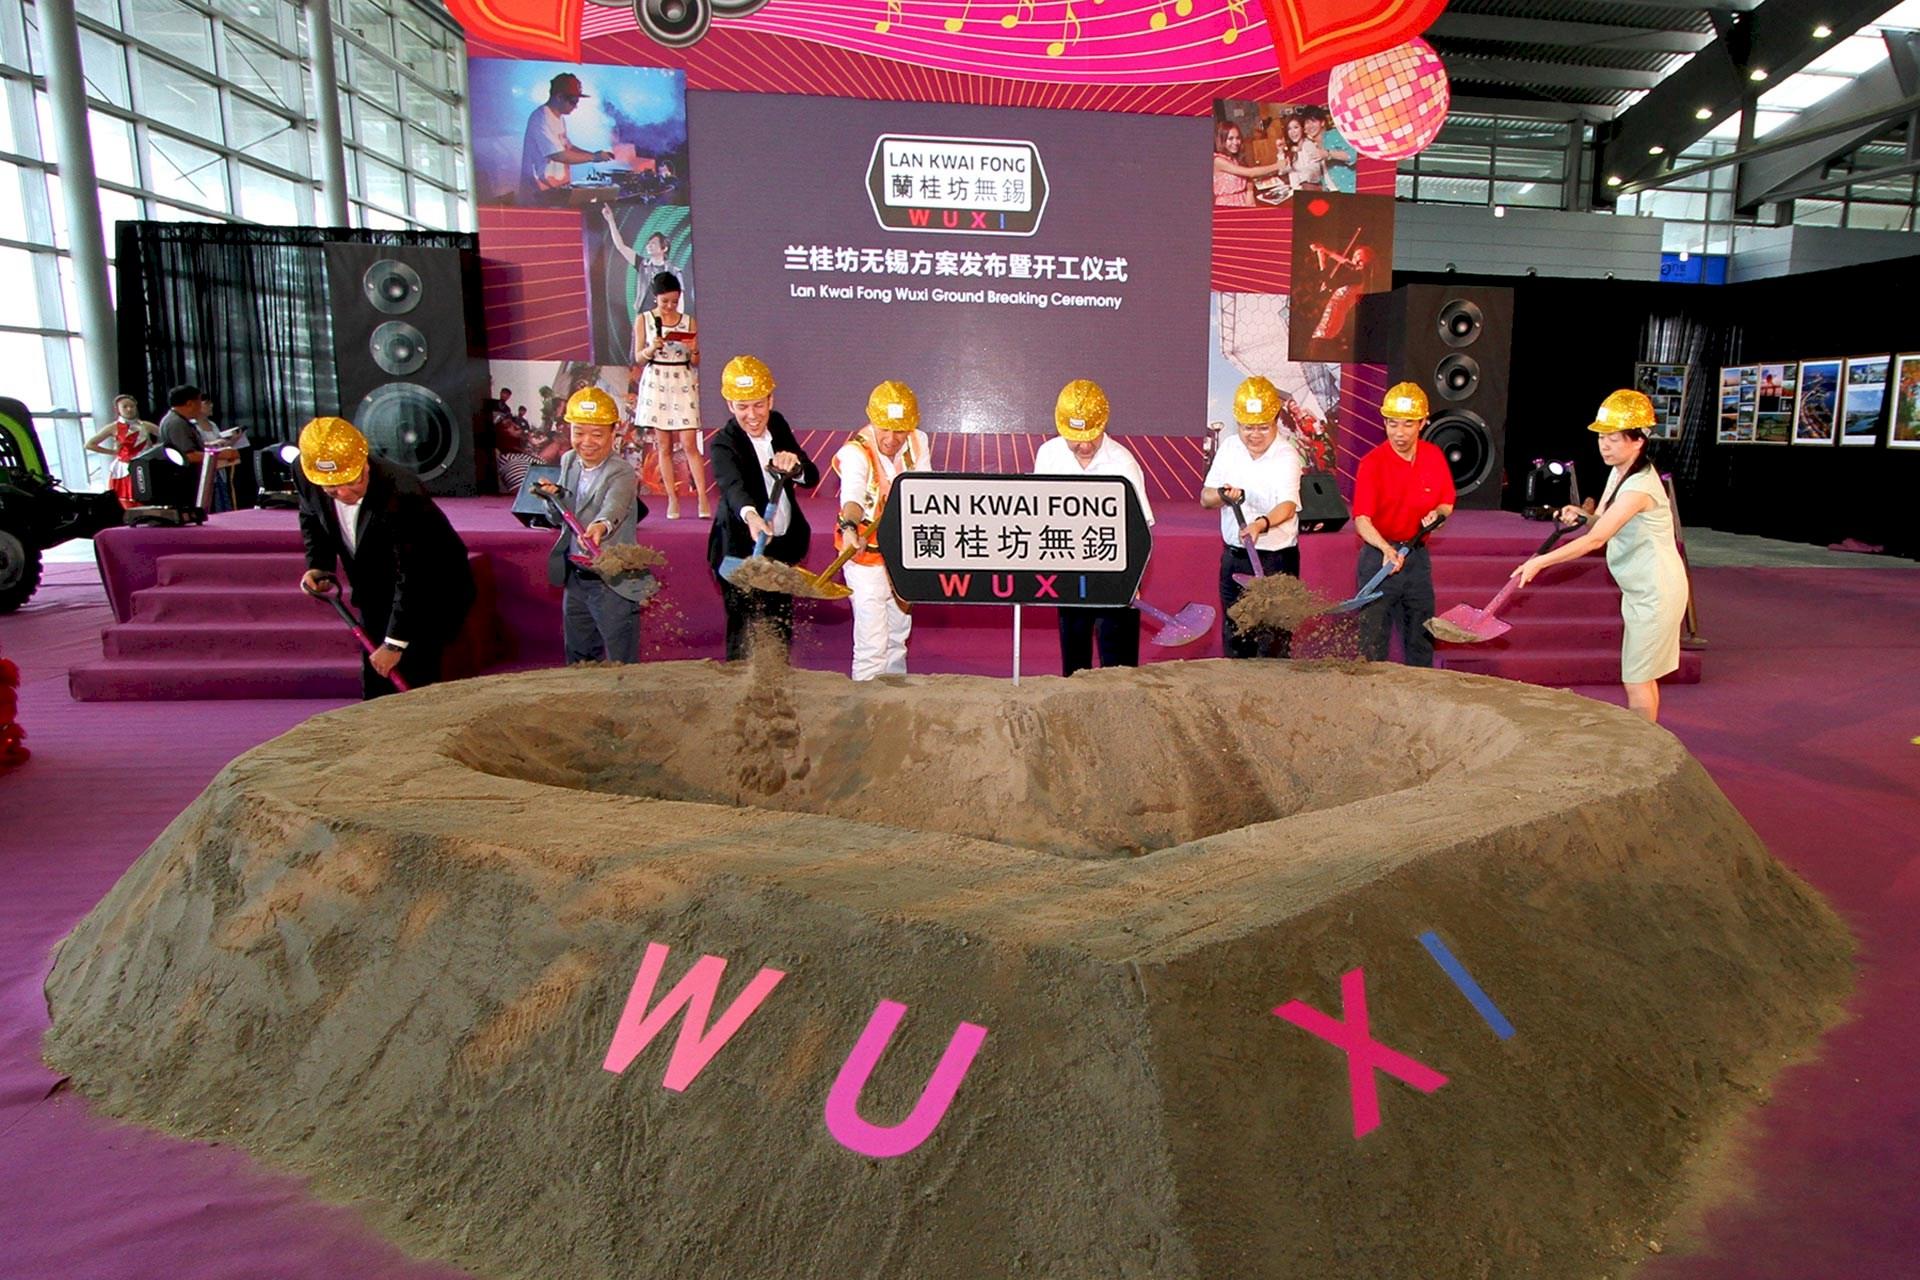 Benoy Celebrates Lan Kwai Fong Wuxi Ground-breaking